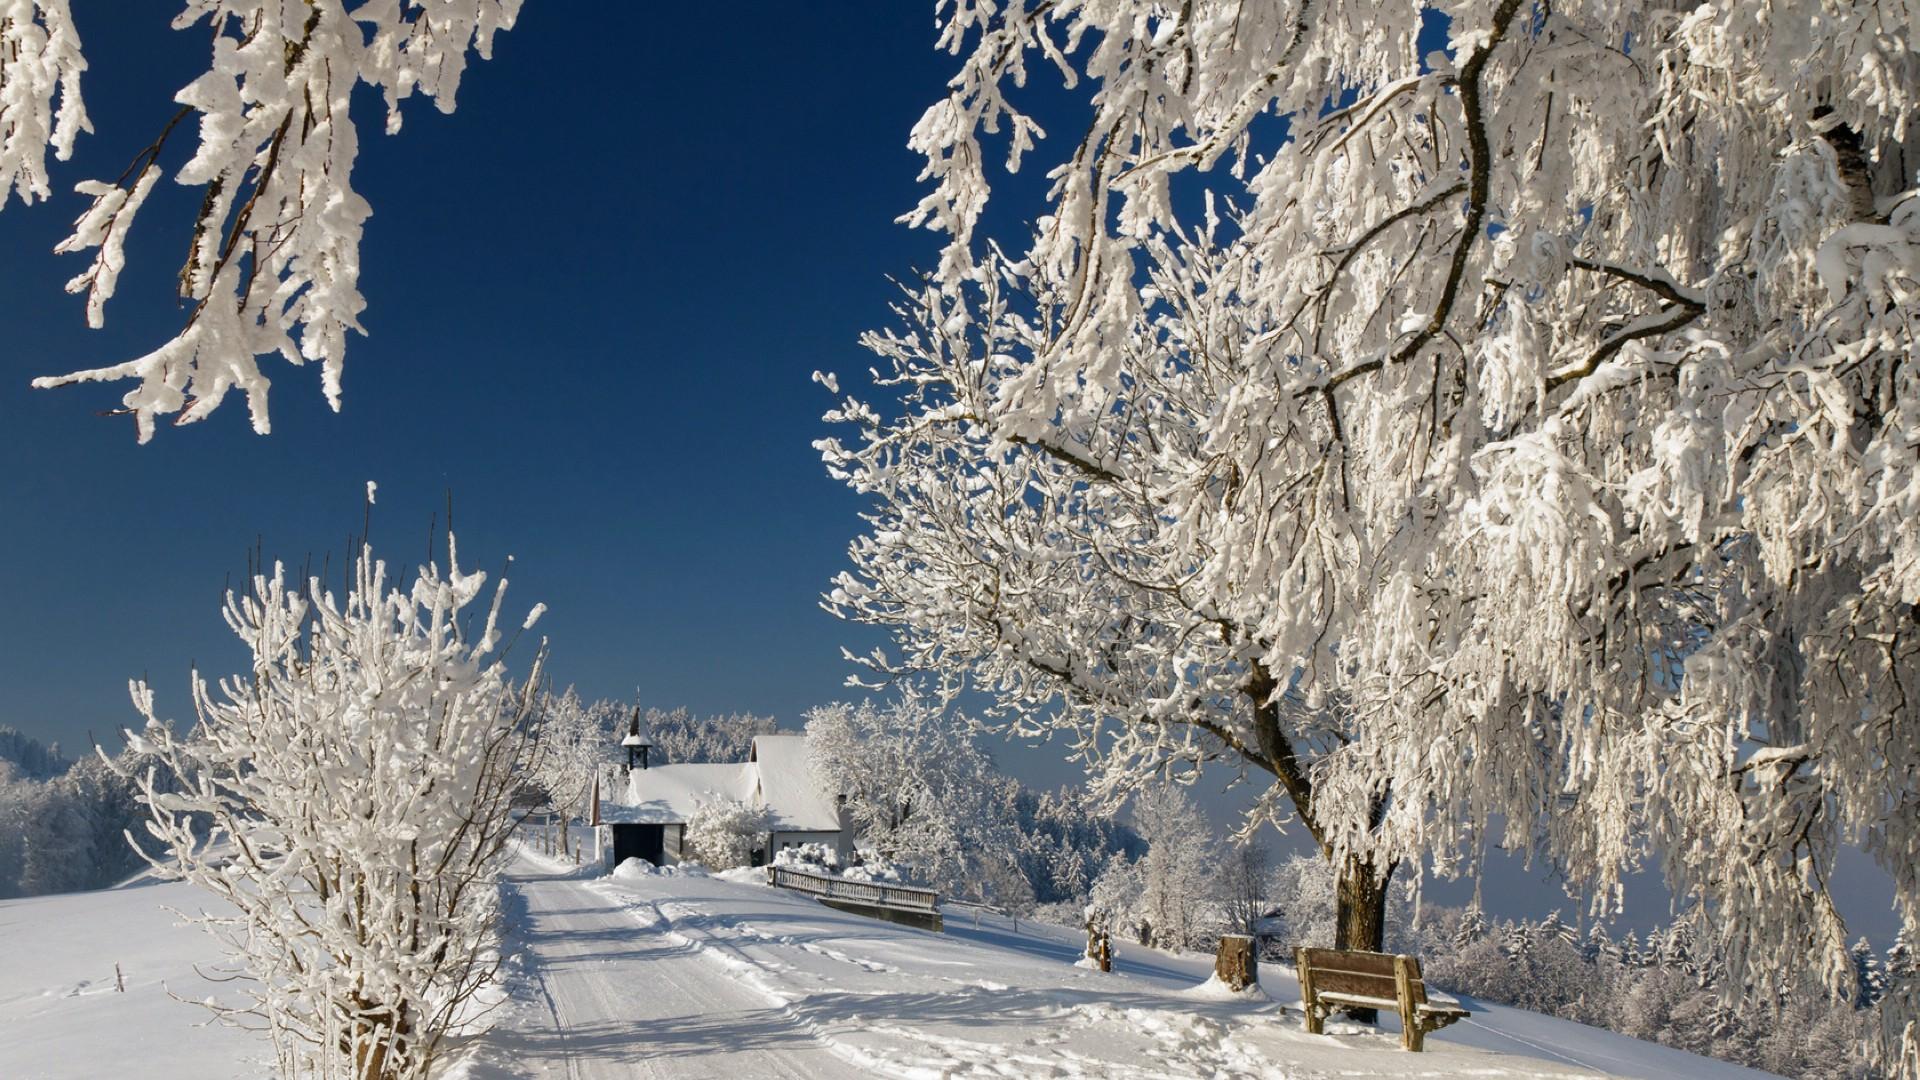 唯美纯洁的雪景桌面高清壁纸